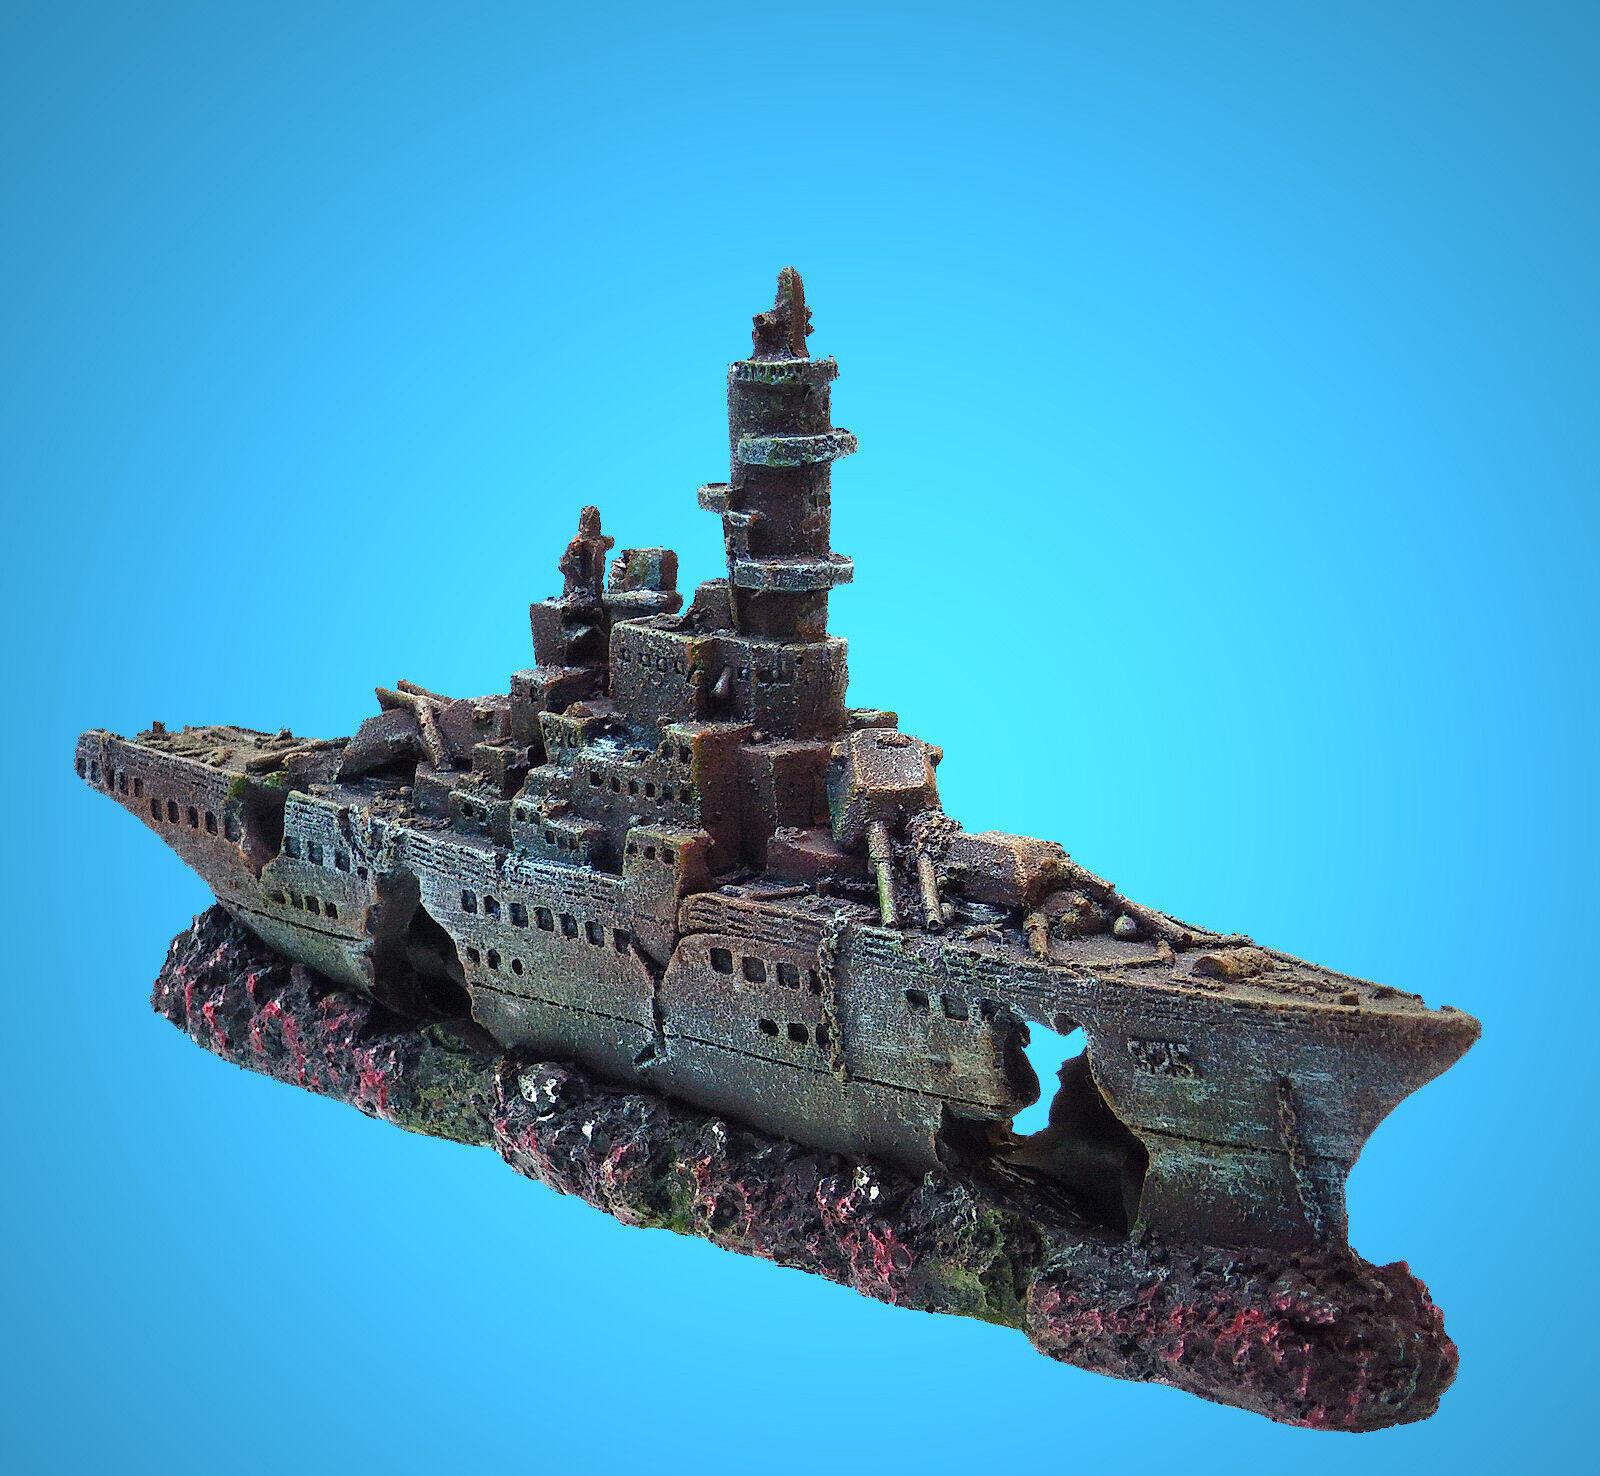 Deko Aquarium Titanic Höhle Boot Fische Dekoration Schiffs-wrack Terrarium Dekorationen Fische & Aquarien